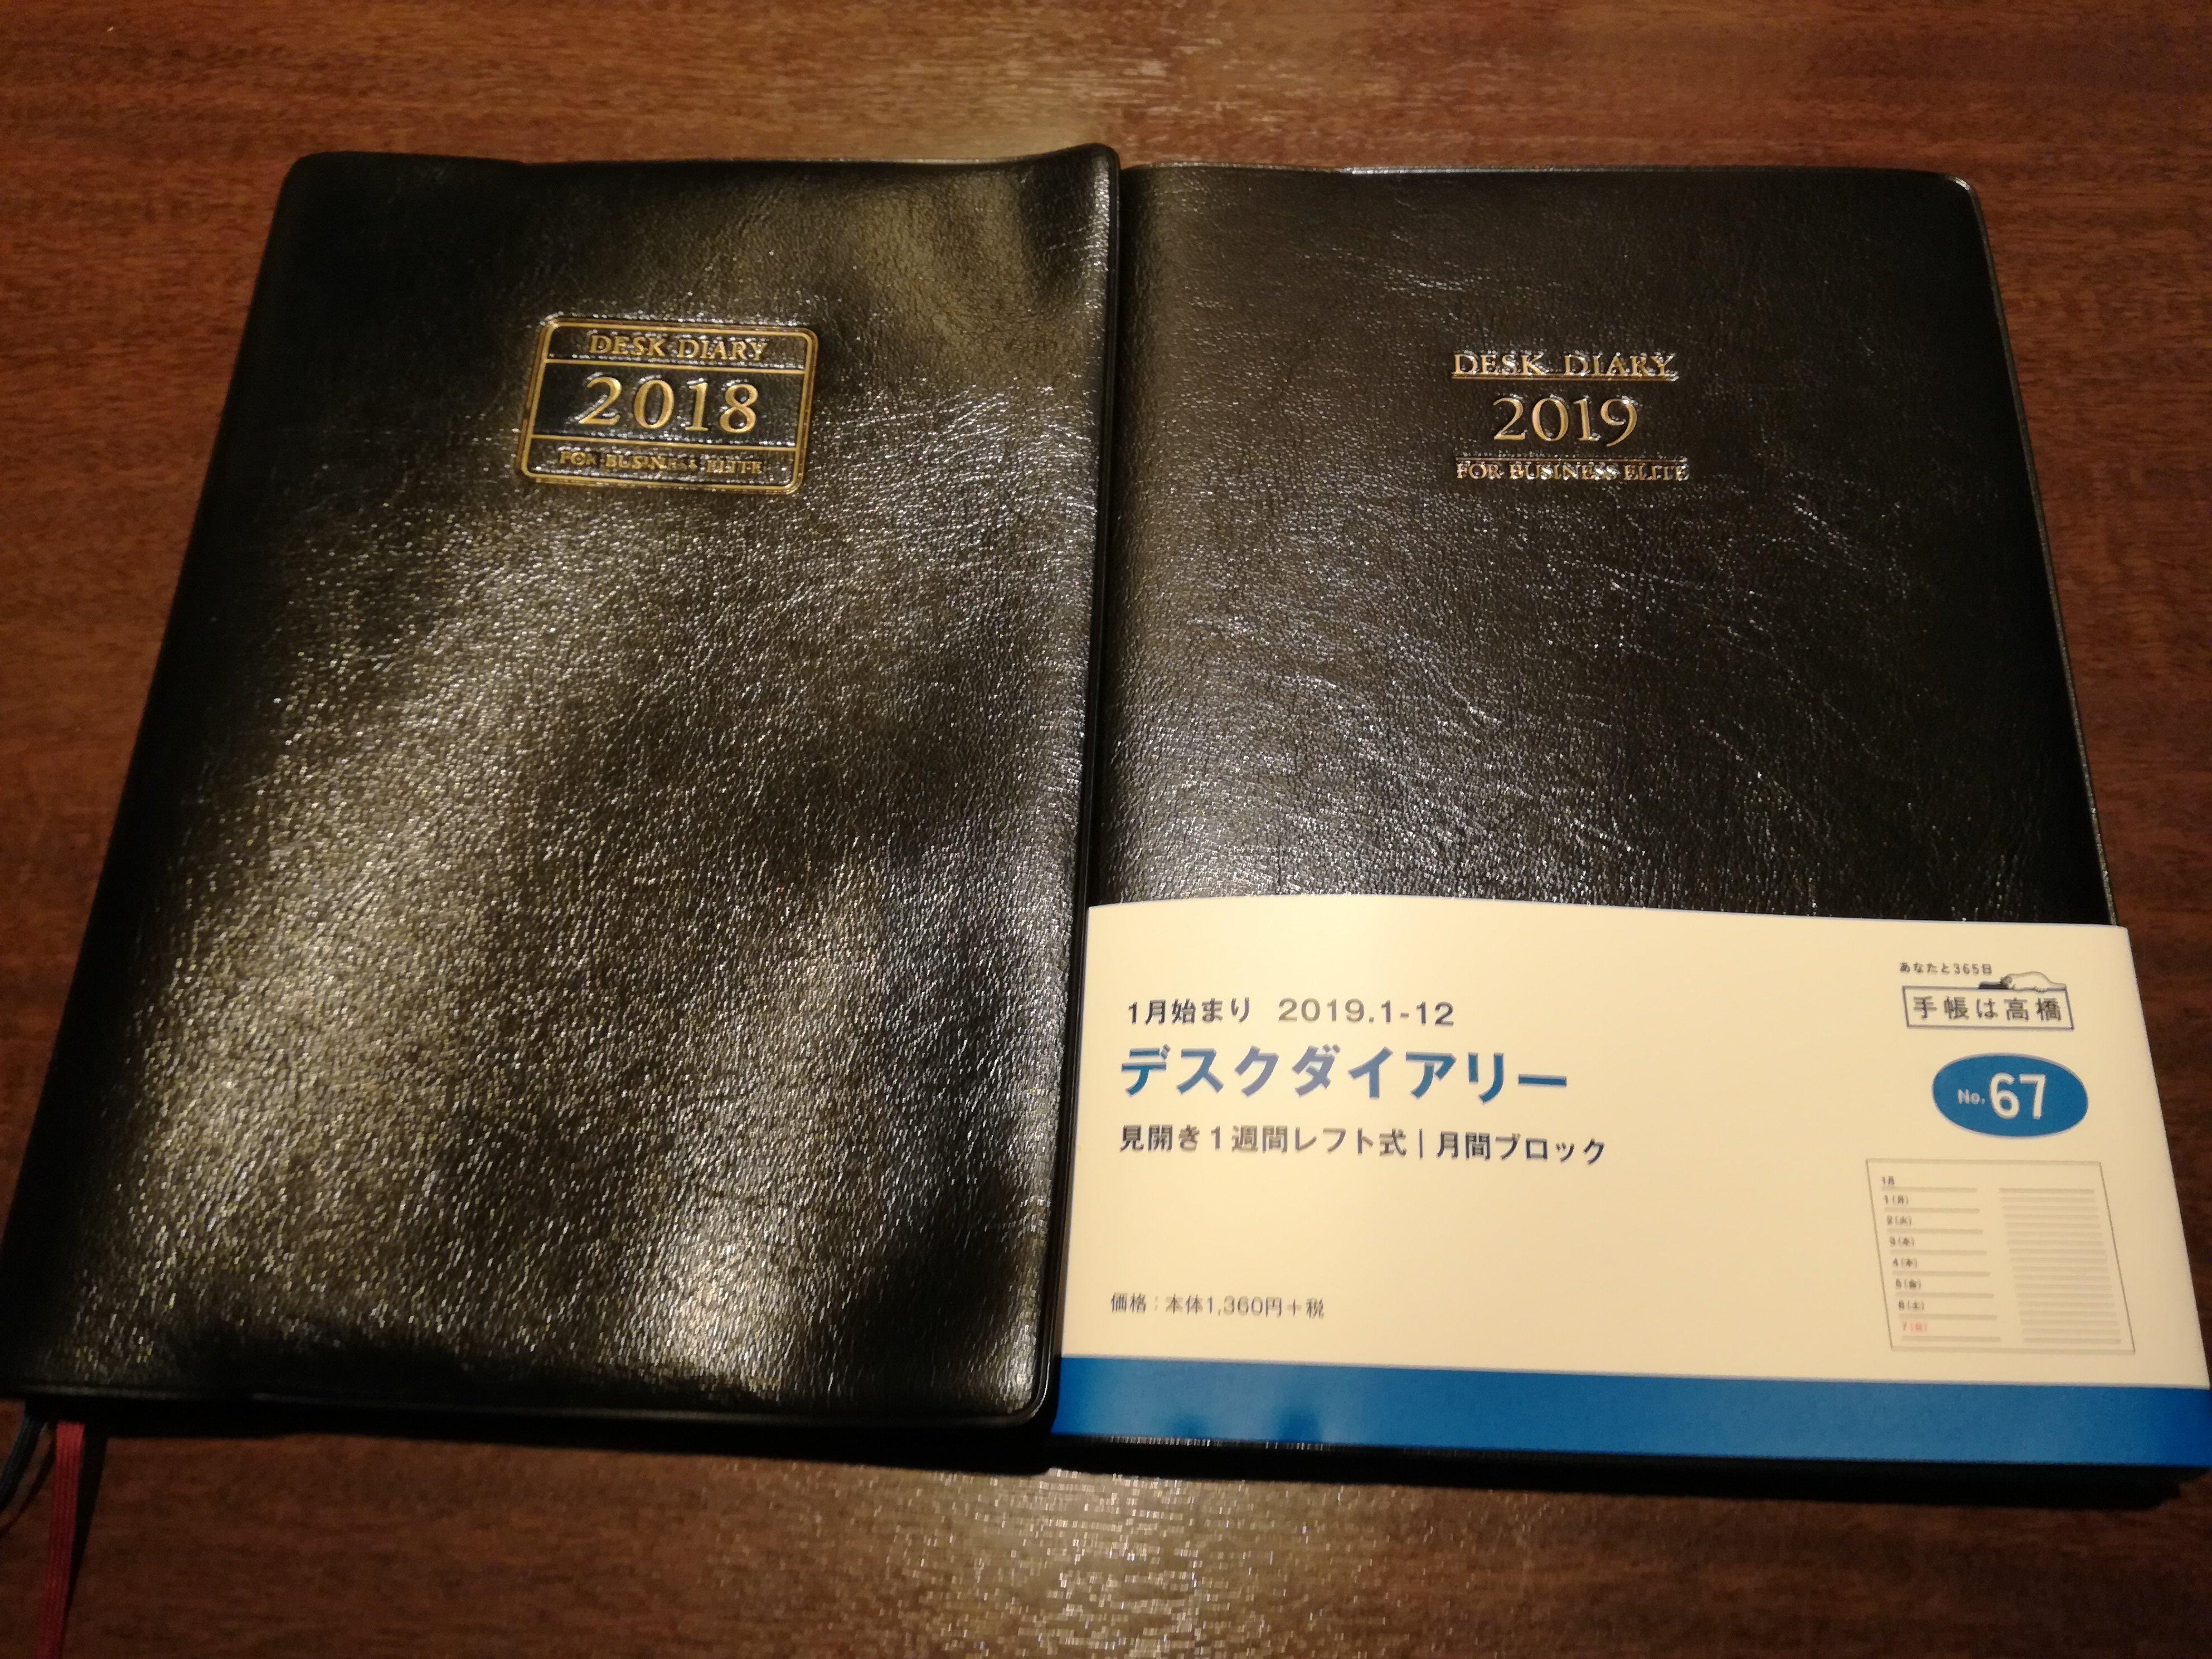 2019年も高橋手帳